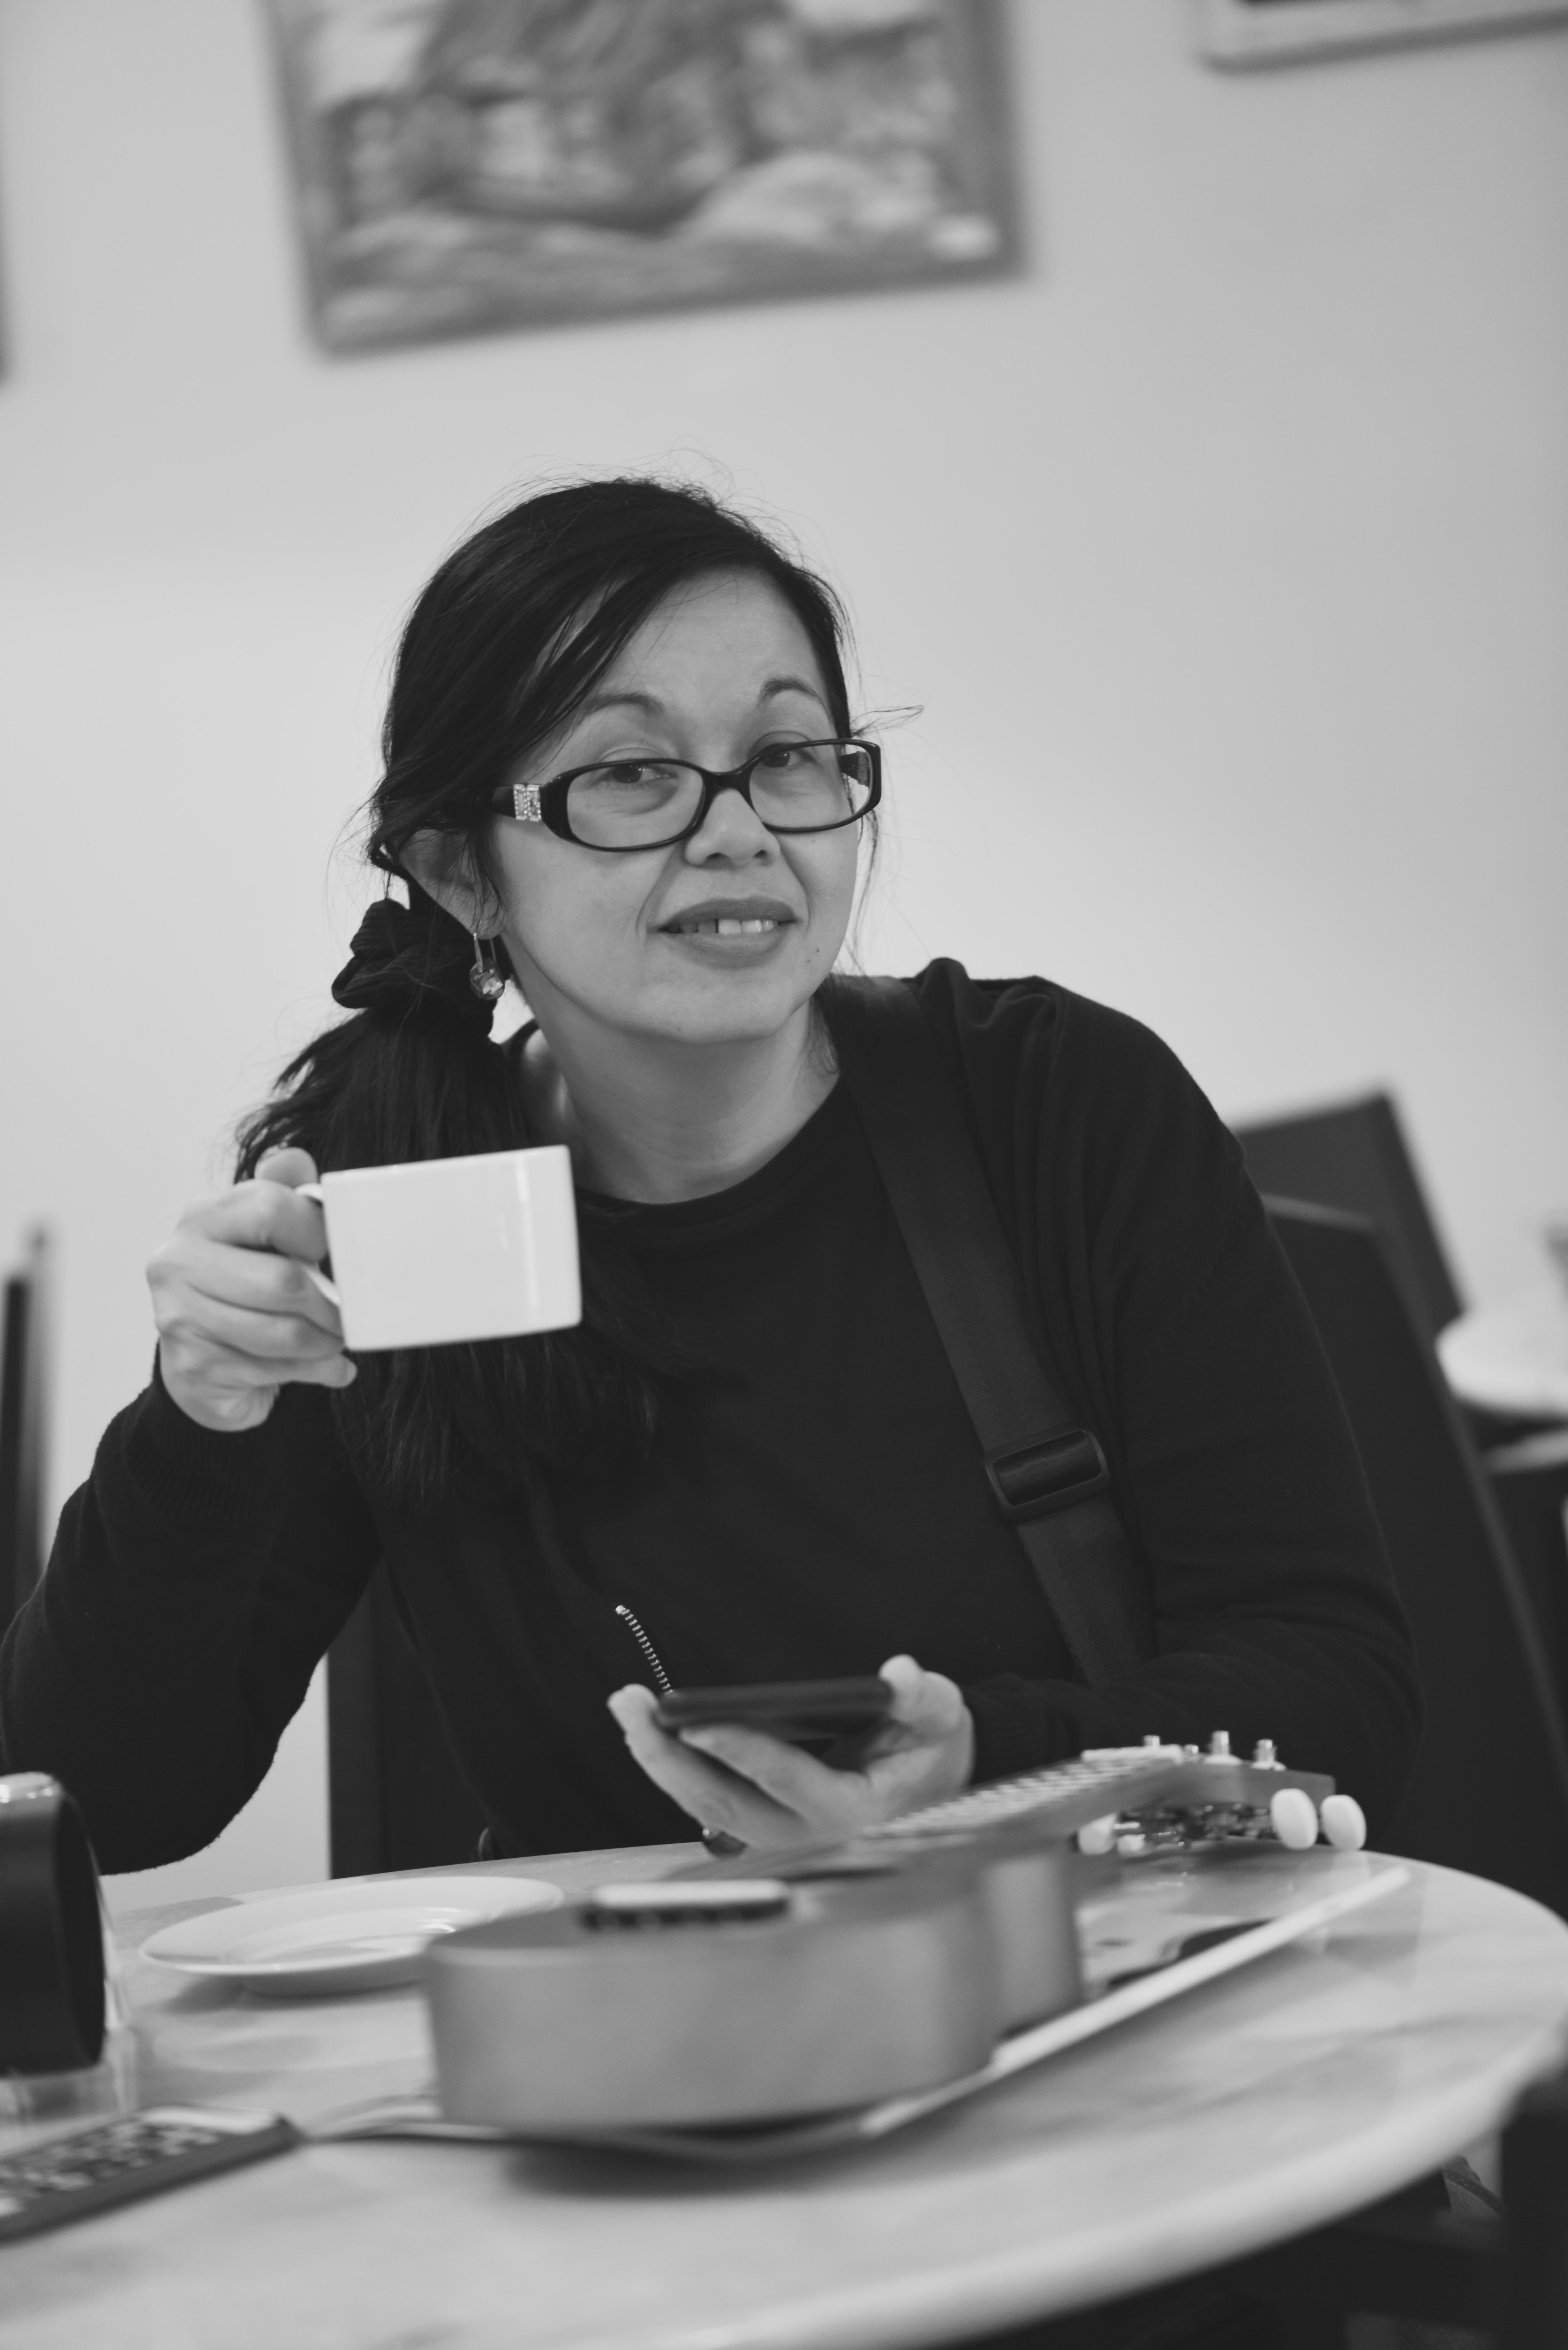 Marislei Nishijima